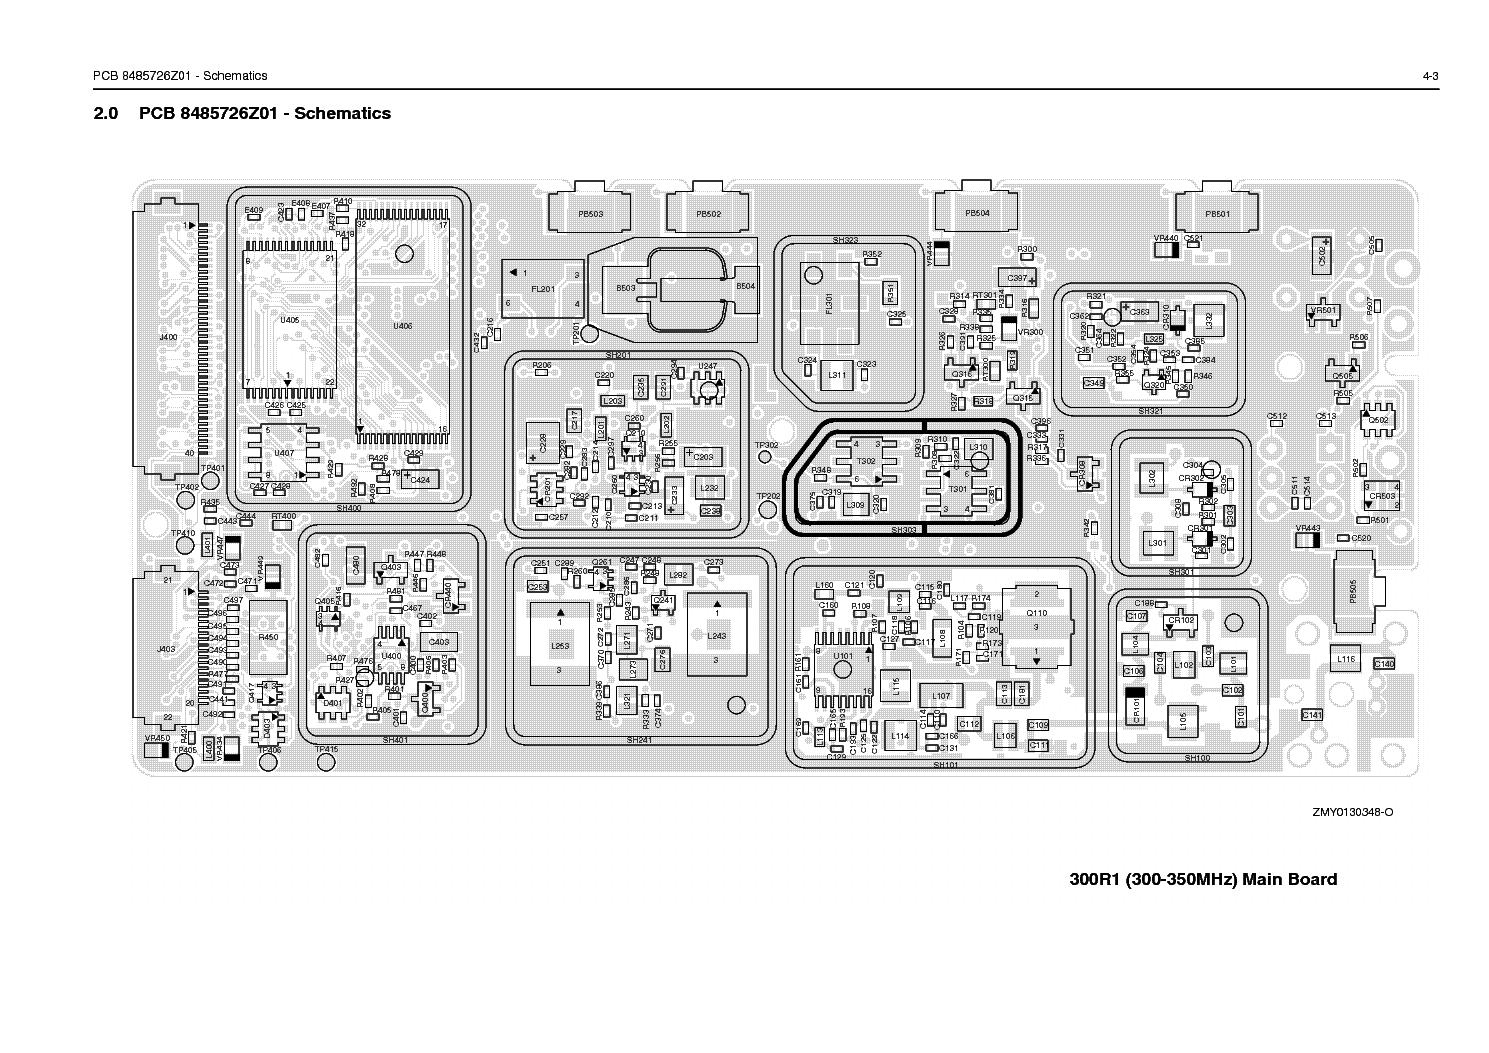 Gp2000 Motorola manual